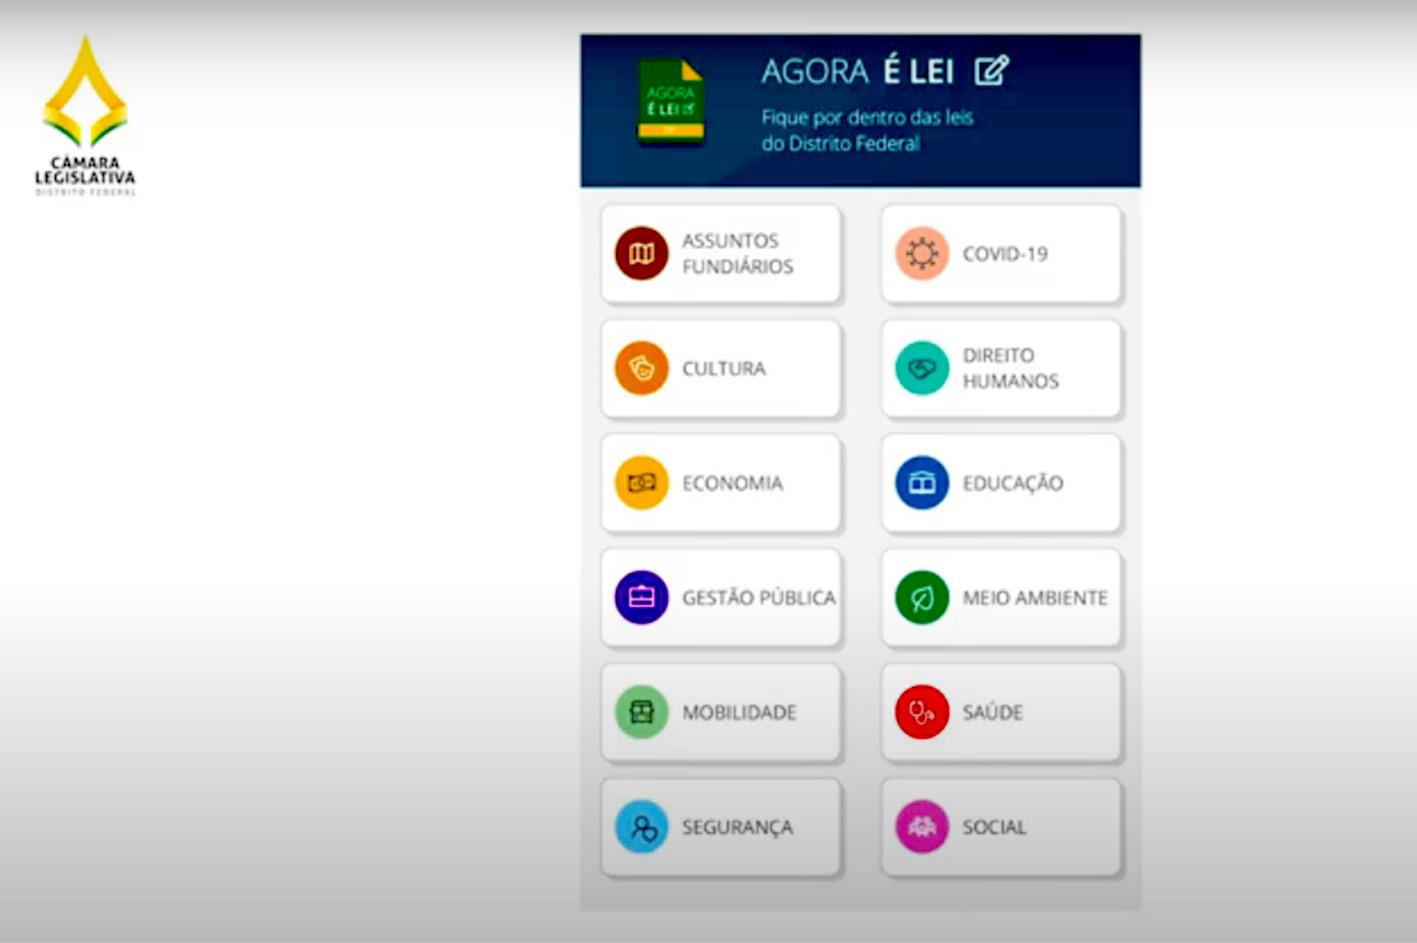 O aplicativo gratuito divide as leis do DF em 27 temas, como Saúde, Gestão Pública, Mobilidade, Educação e até mesmo Covid-19